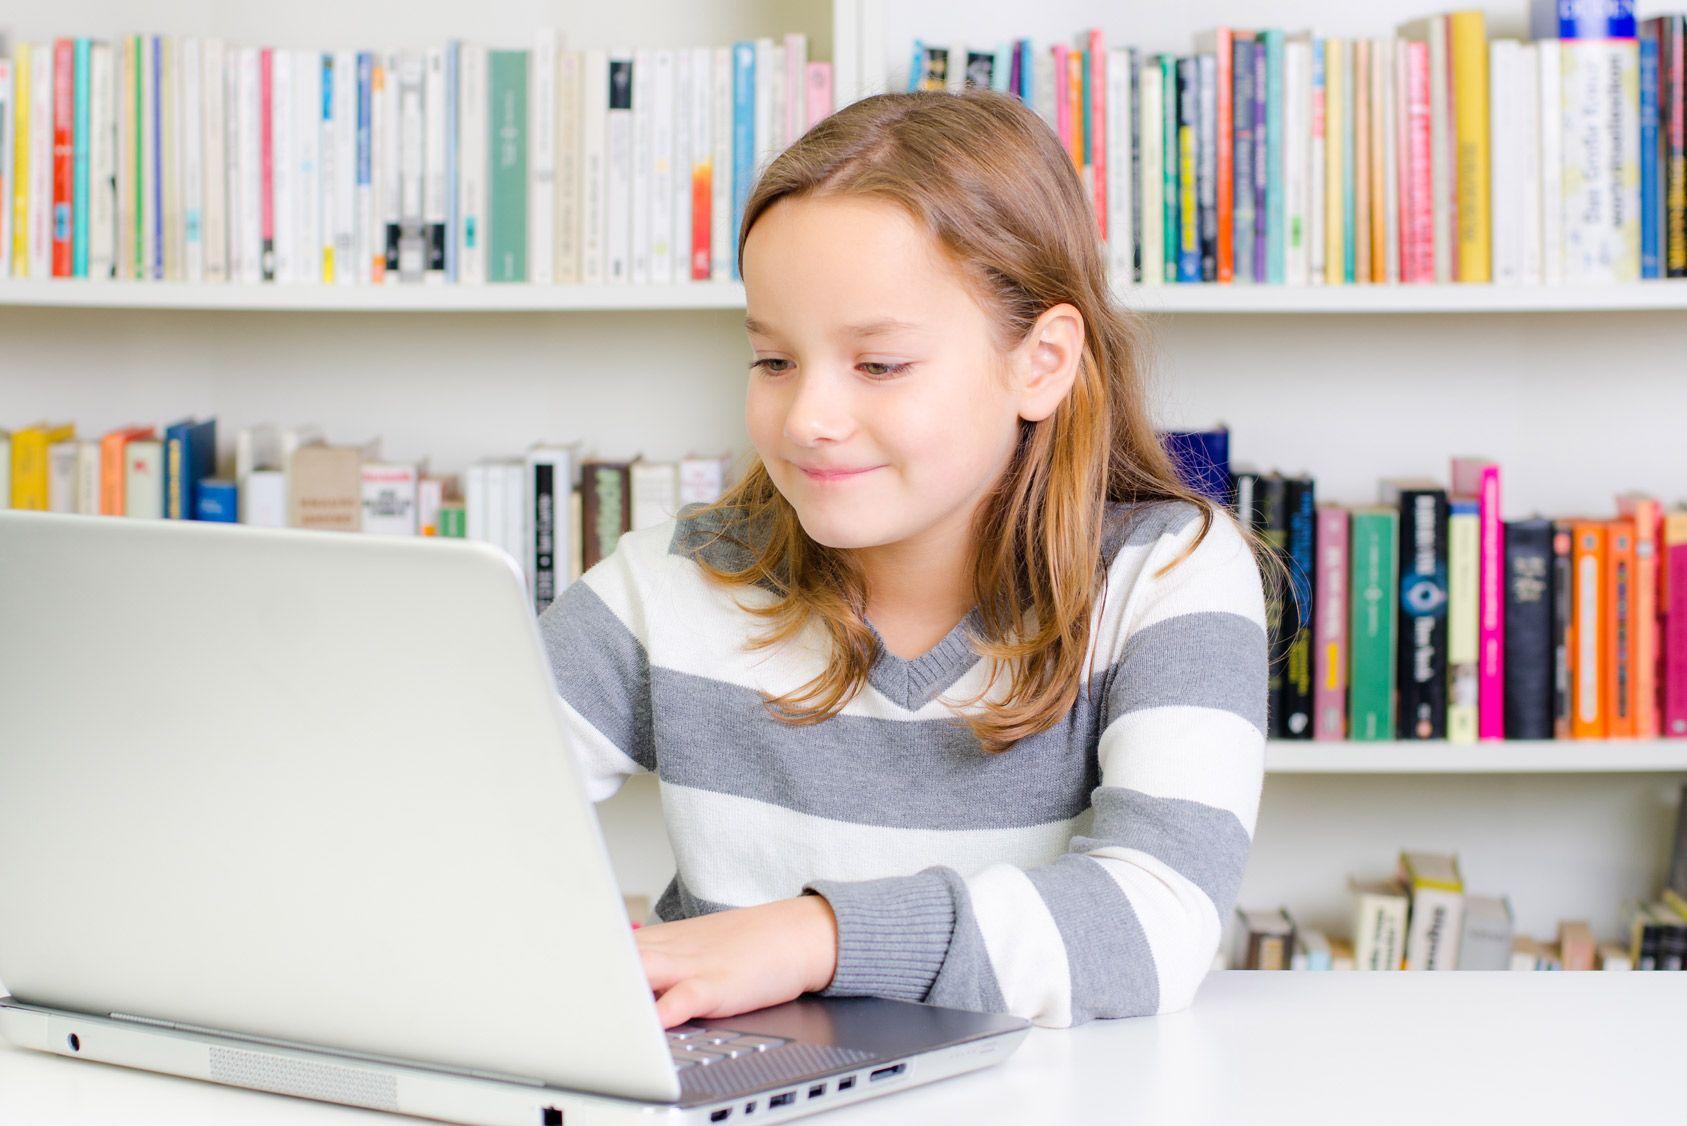 Encore trop d'irrégularités dans les cours de soutien scolaire en ligne